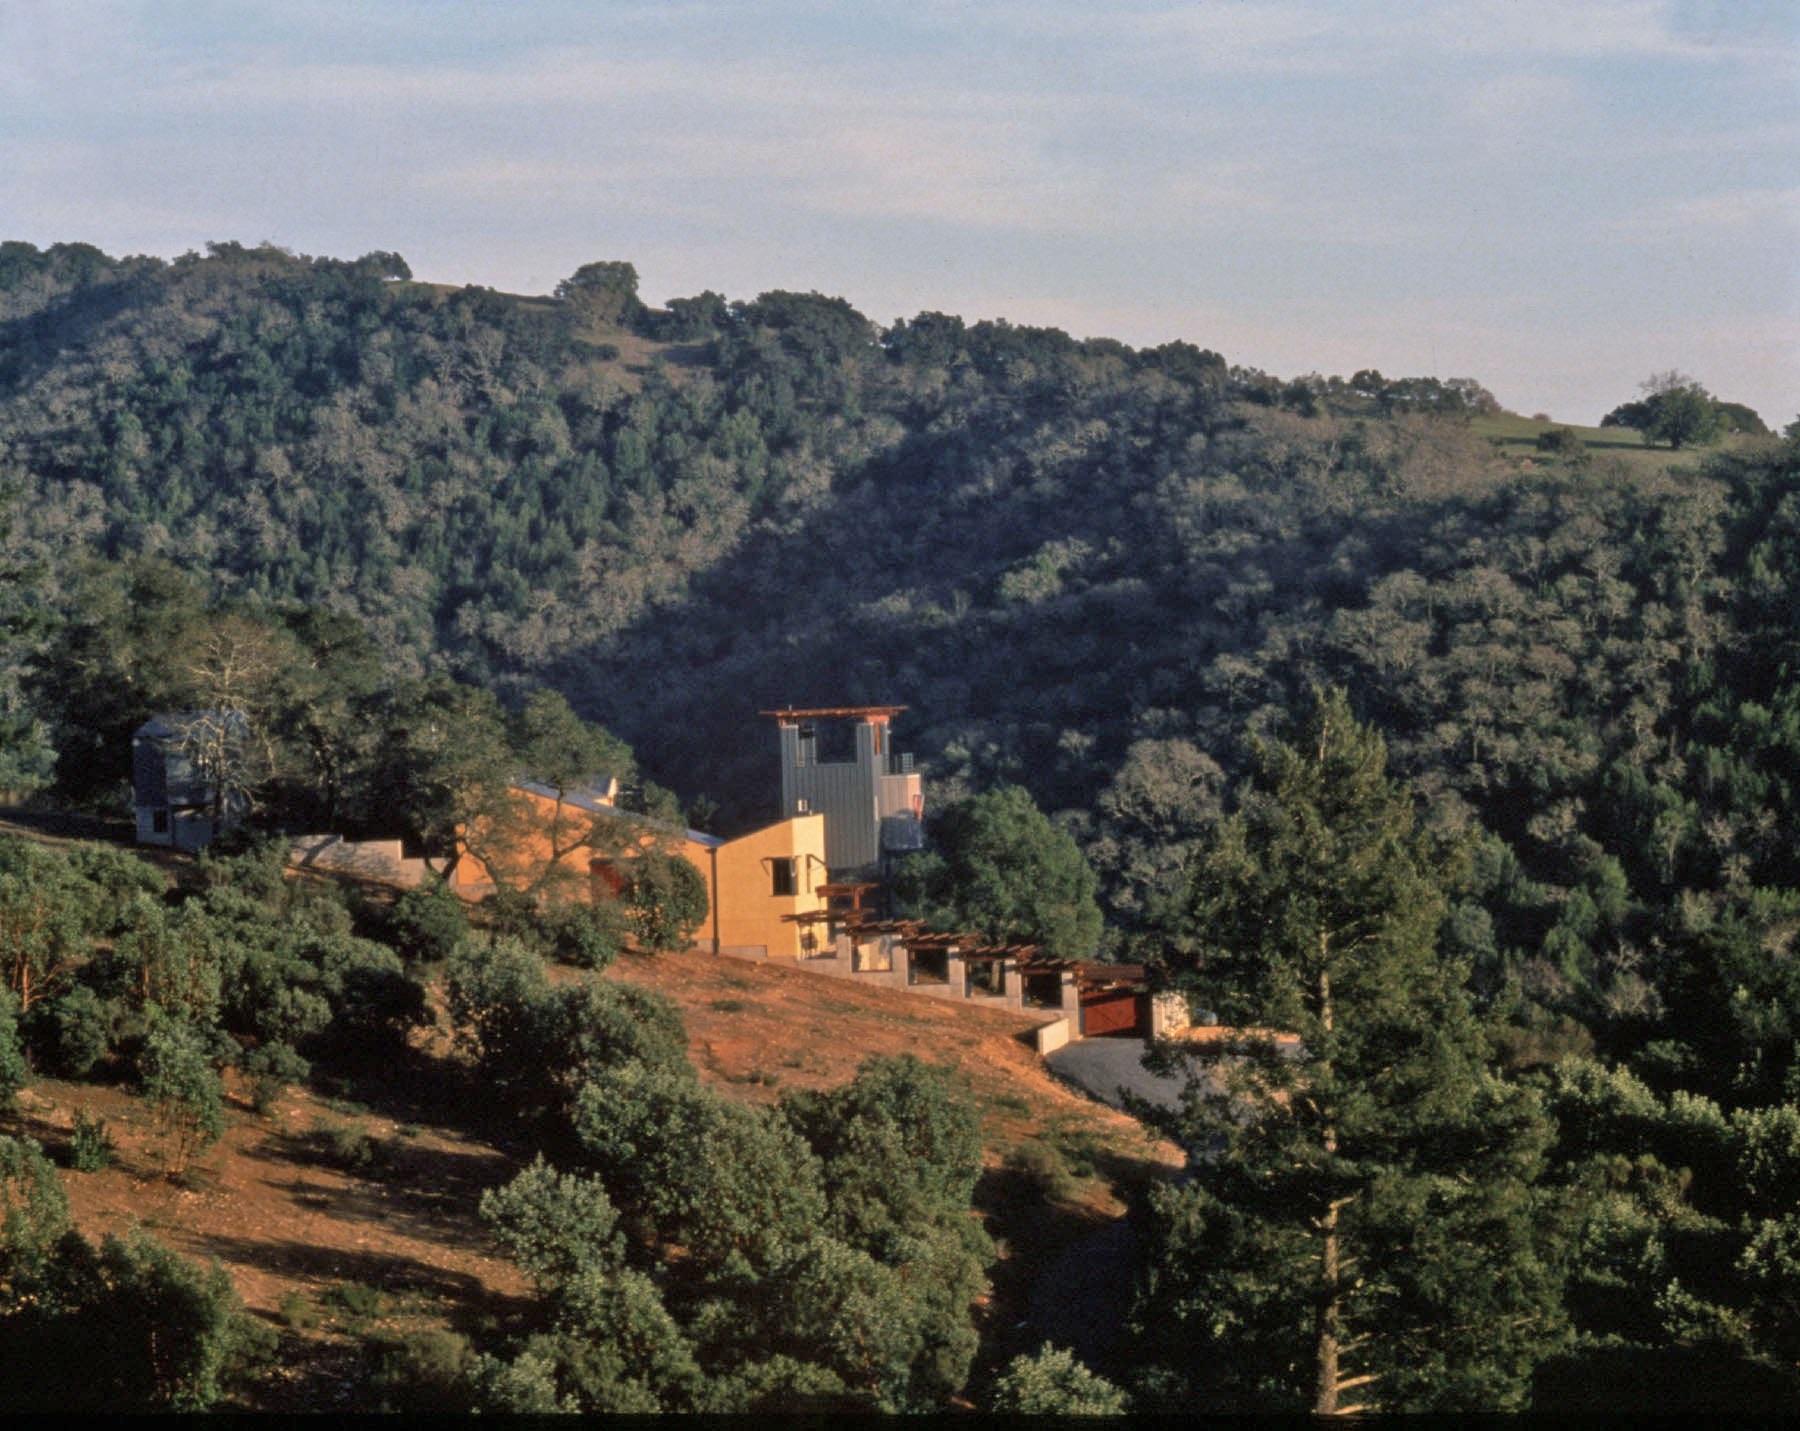 03.5von stein residence exterior photo richard barnes 1994 21R_lightened.jpg